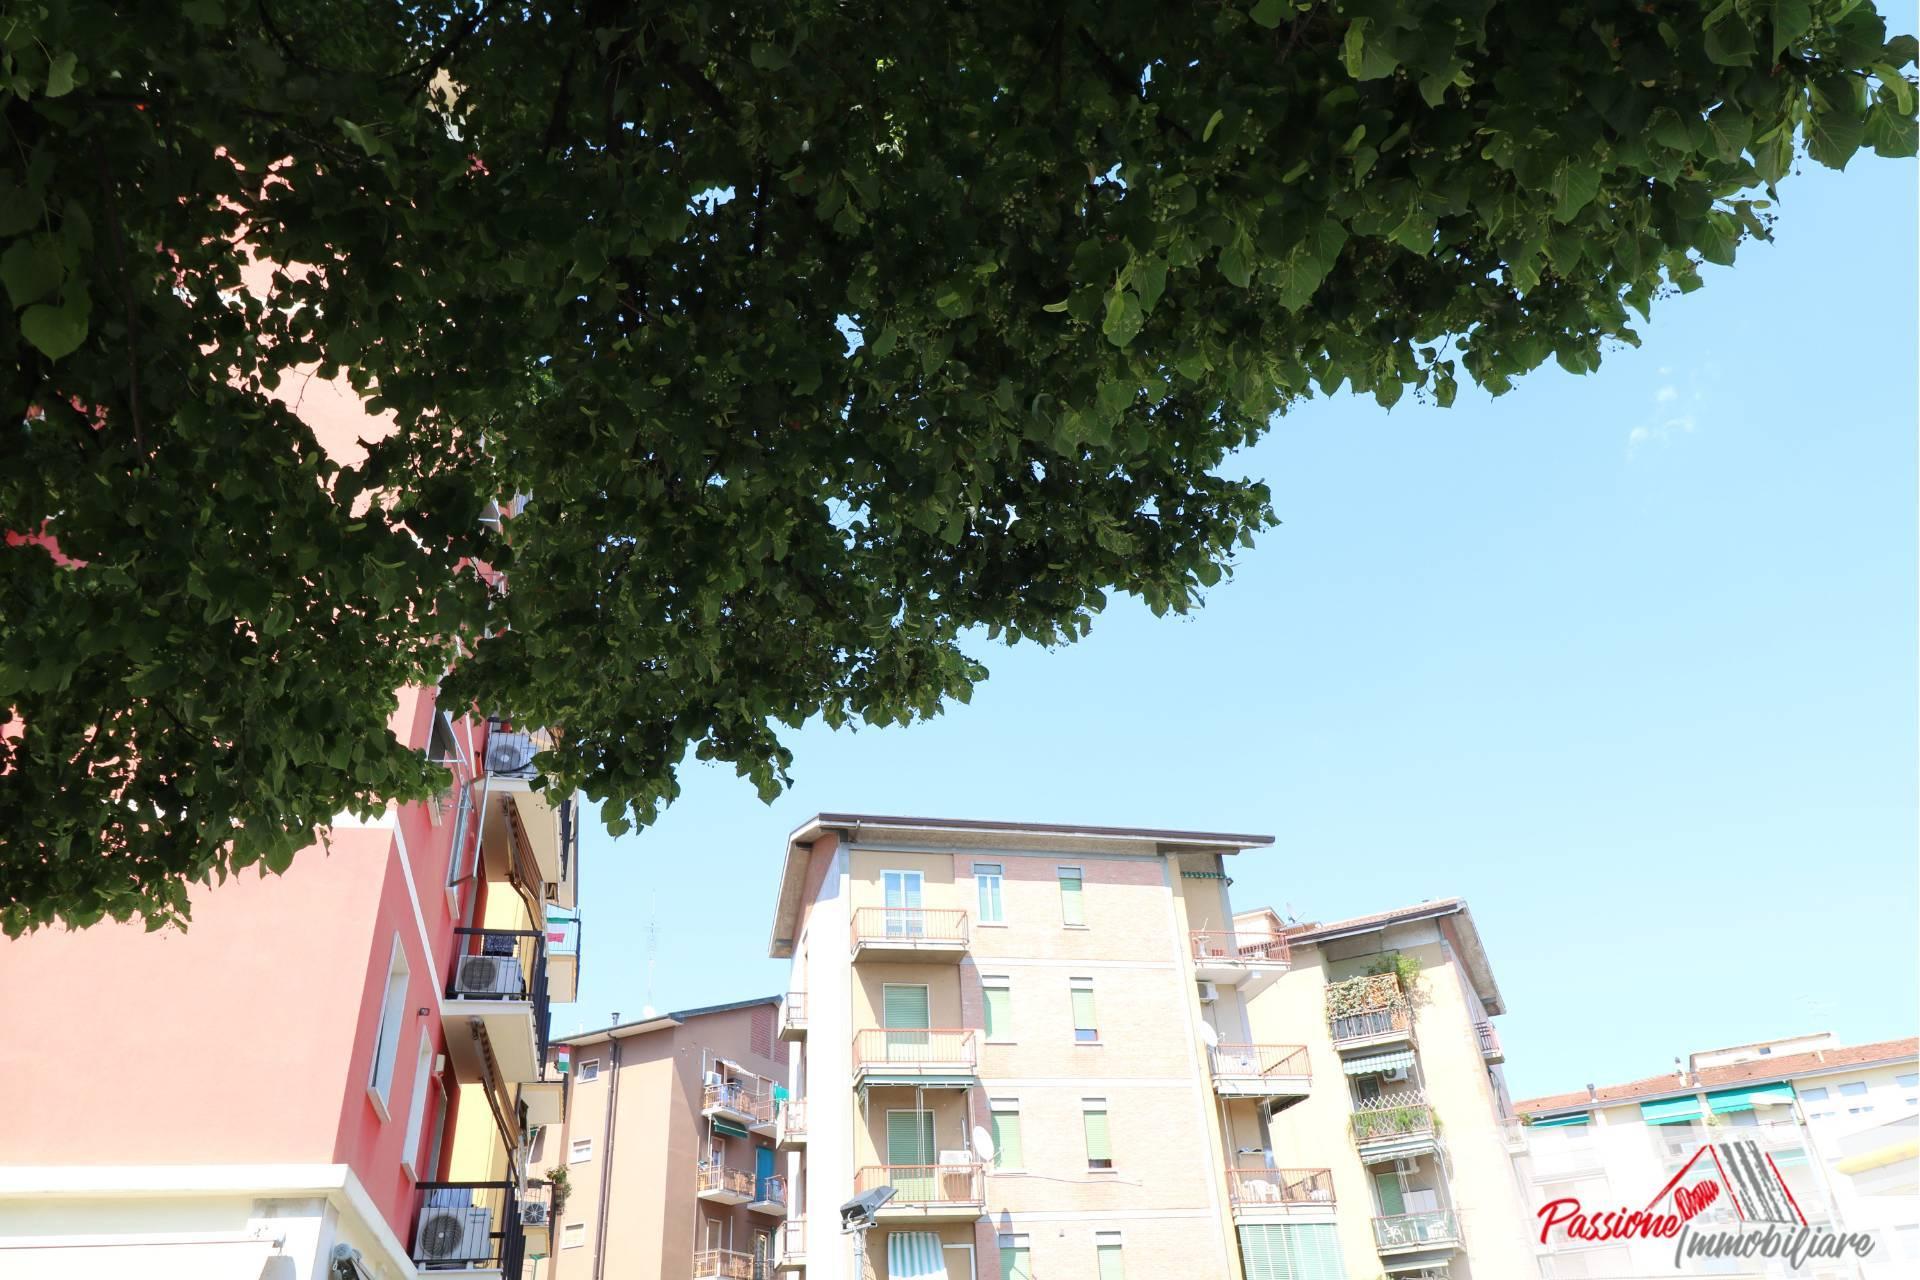 Appartamento in vendita a Verona, 3 locali, zona Località: PonteCrencano, prezzo € 168.000 | CambioCasa.it